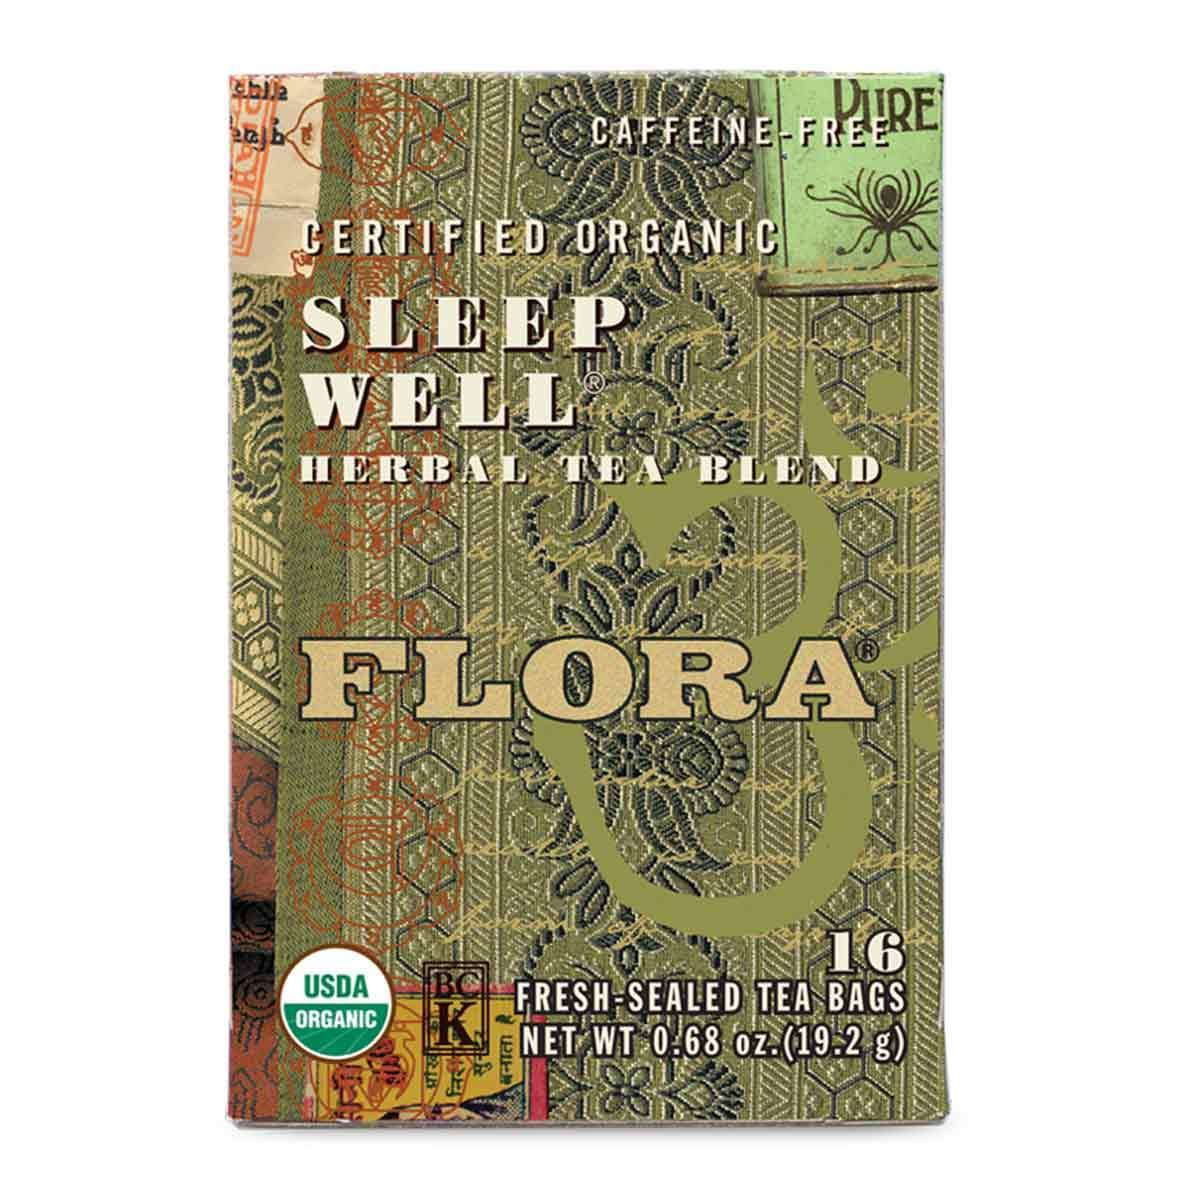 Flora, Herbal Tea Blend, Certified Organic Sleep ZZZ, Sleep Well, 16 Tea Bags (19.2 g)